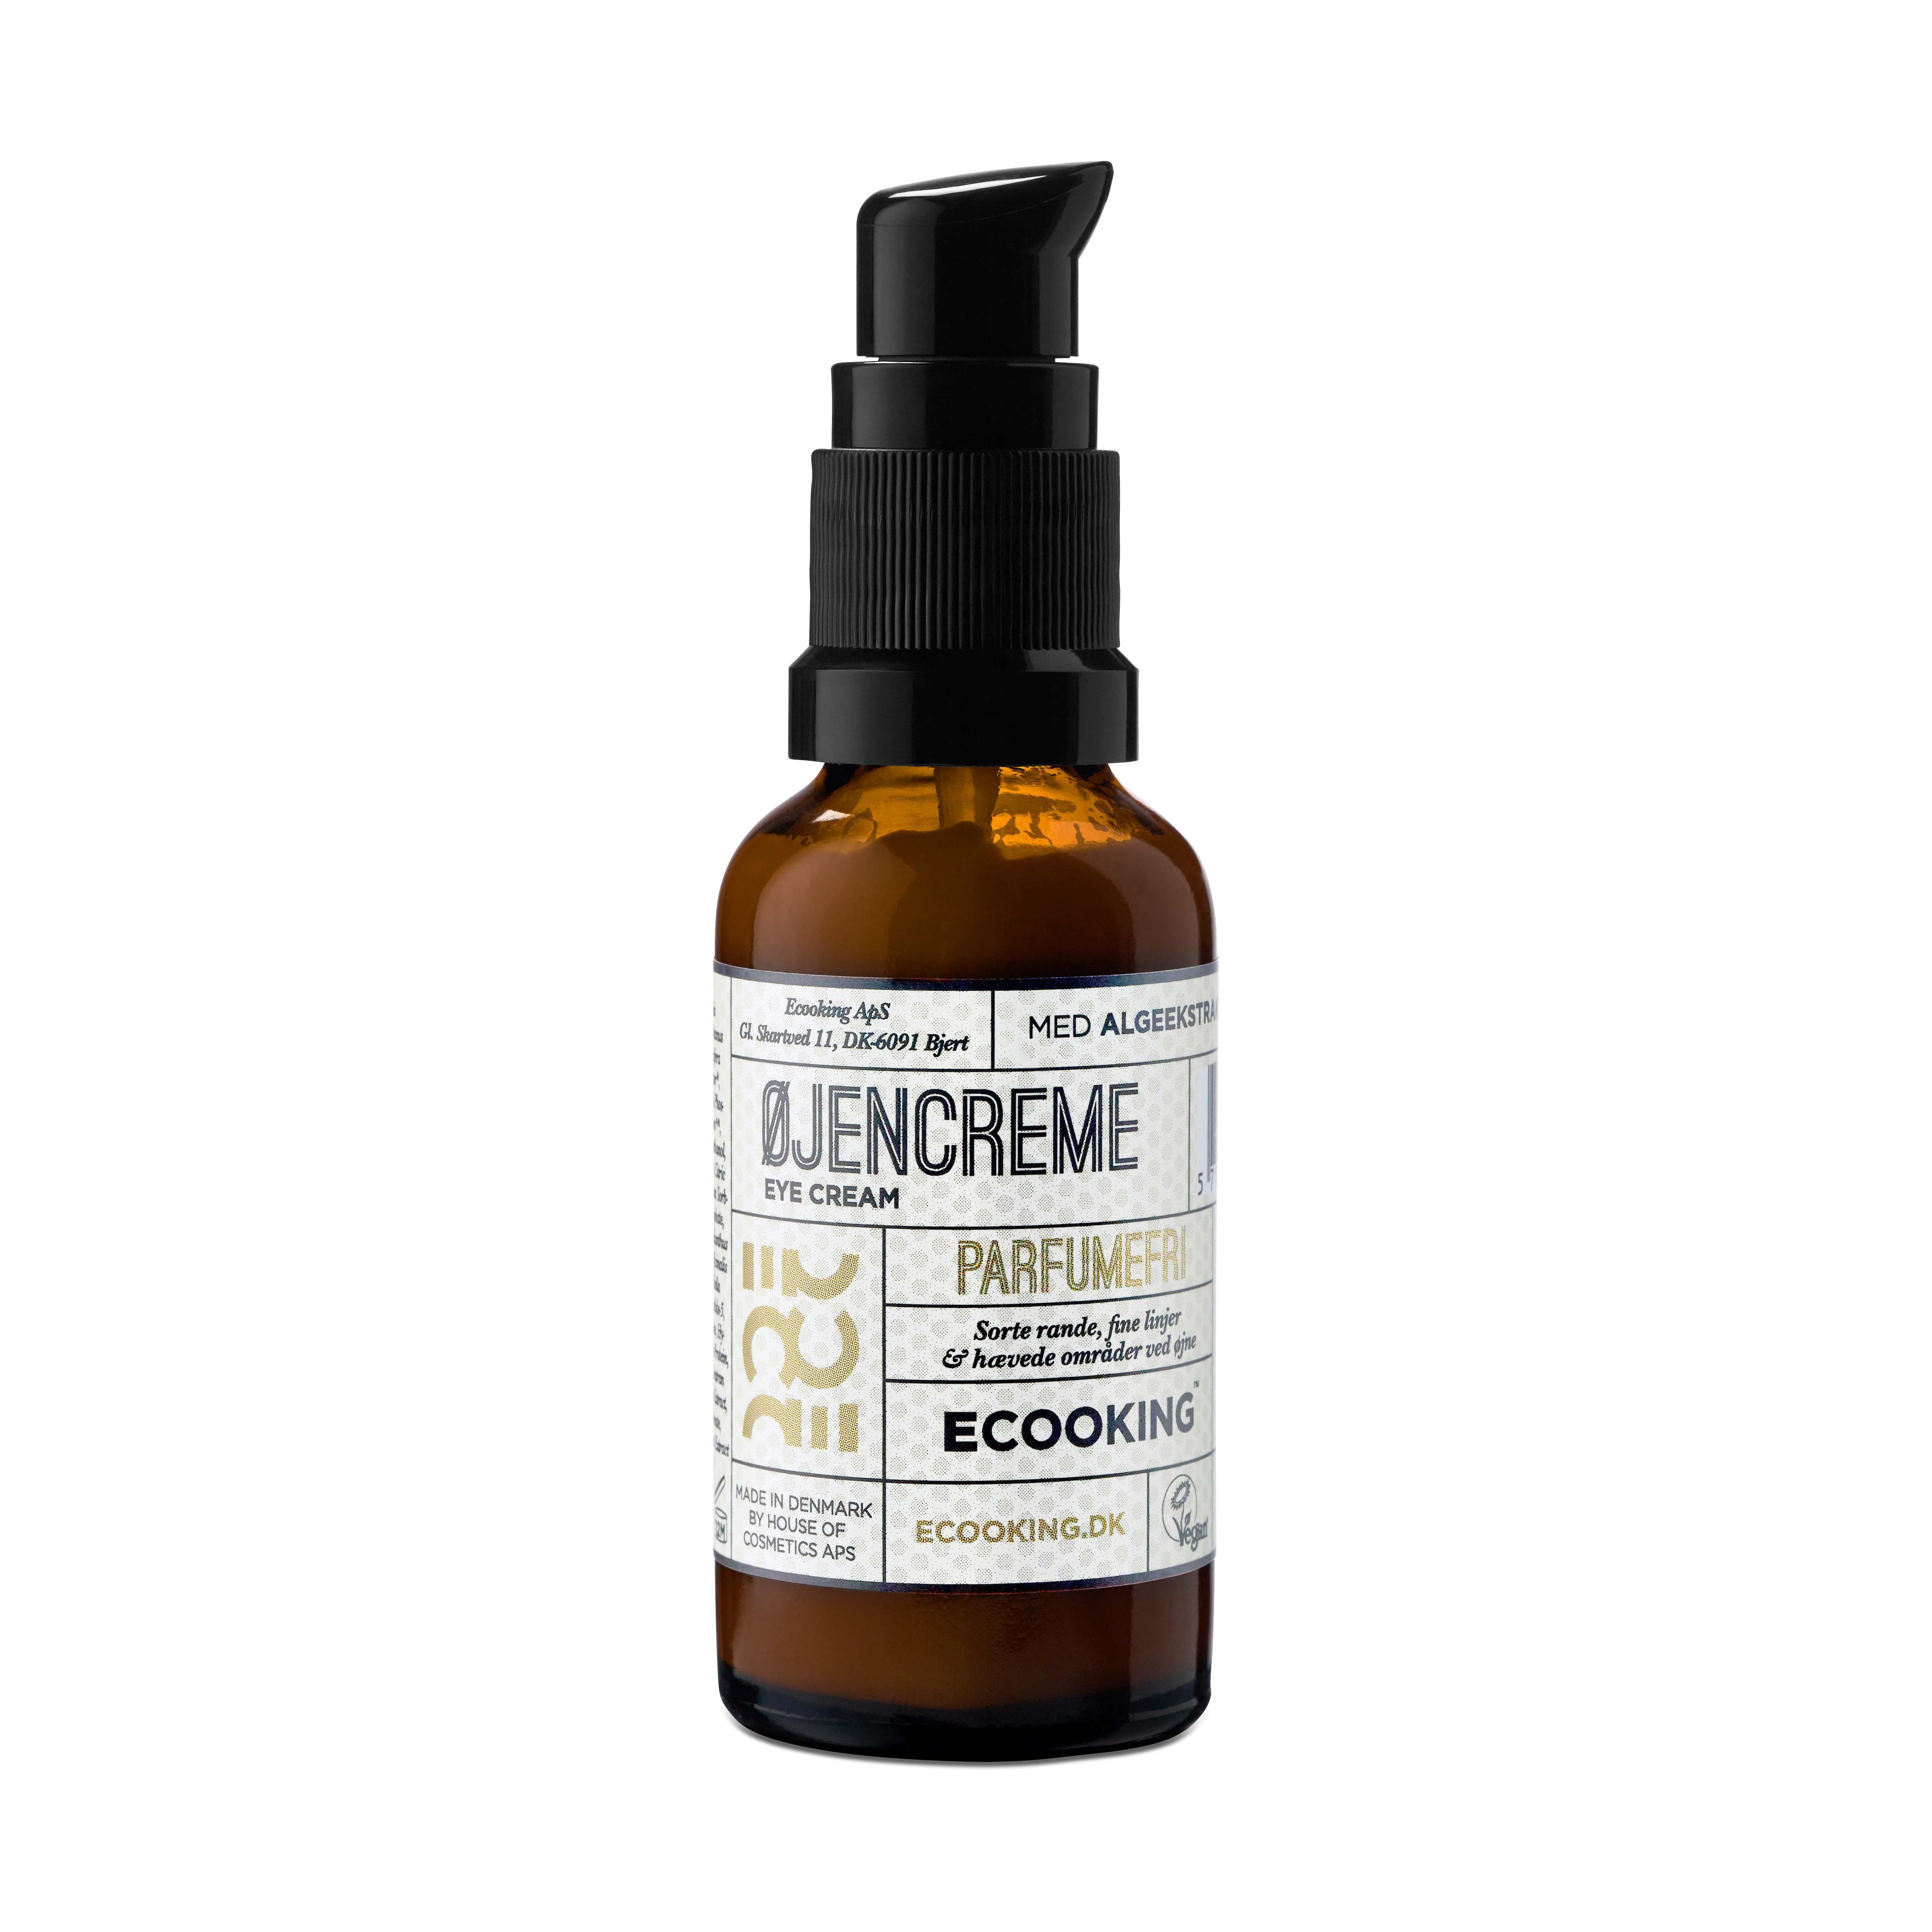 Ecooking Parfumefri Øjencreme, 30 ml